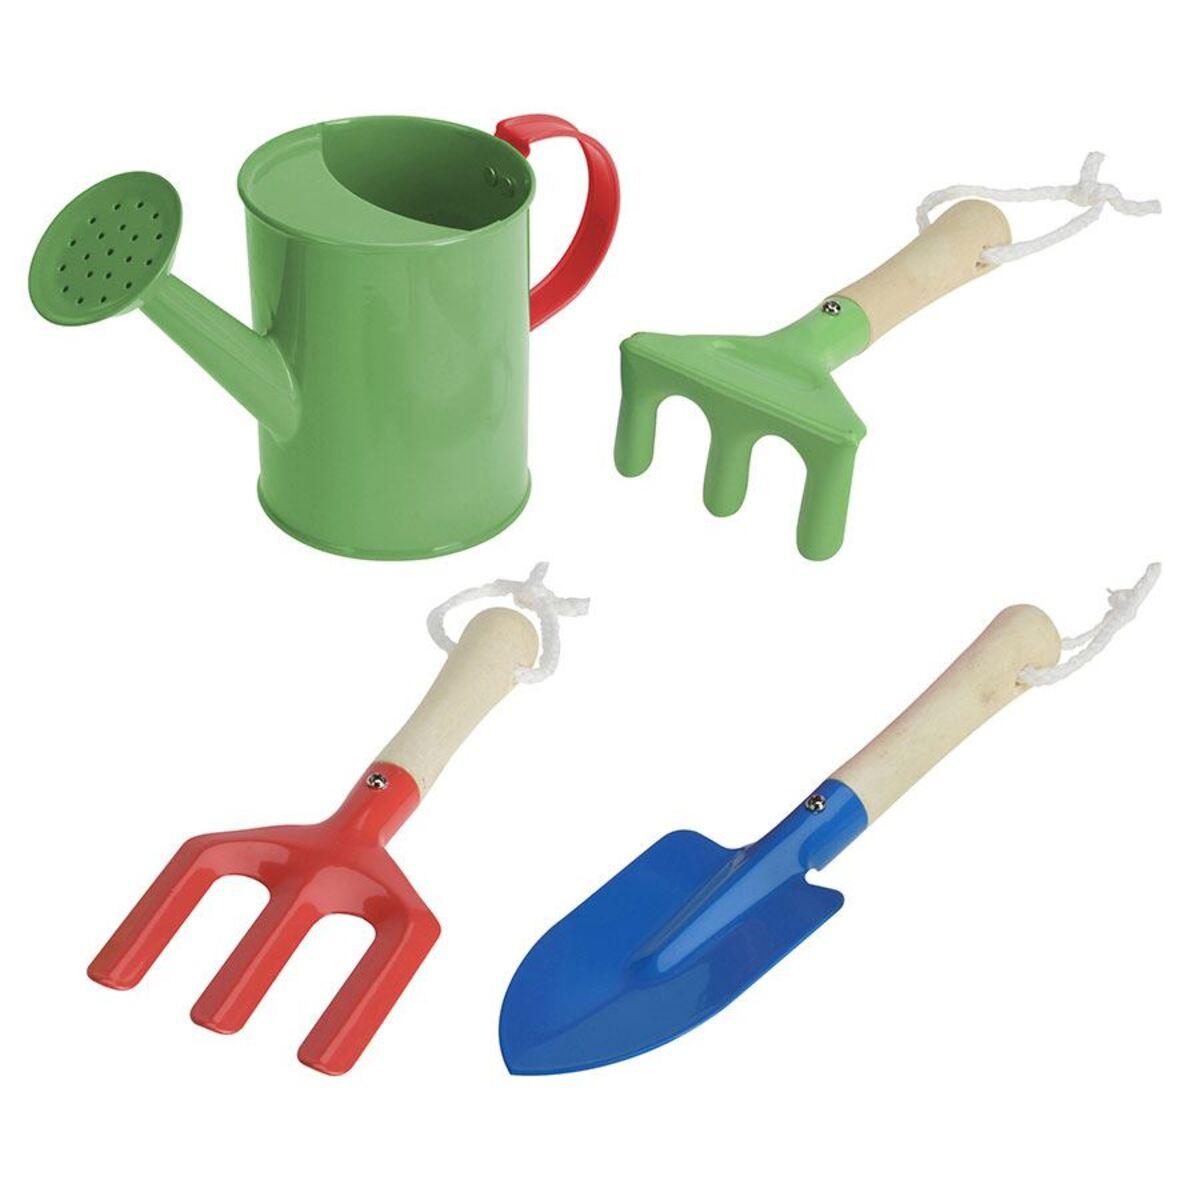 Bild 3 von Grüner Jan Junior Kinder-Gartenwerkzeug 5-teilig